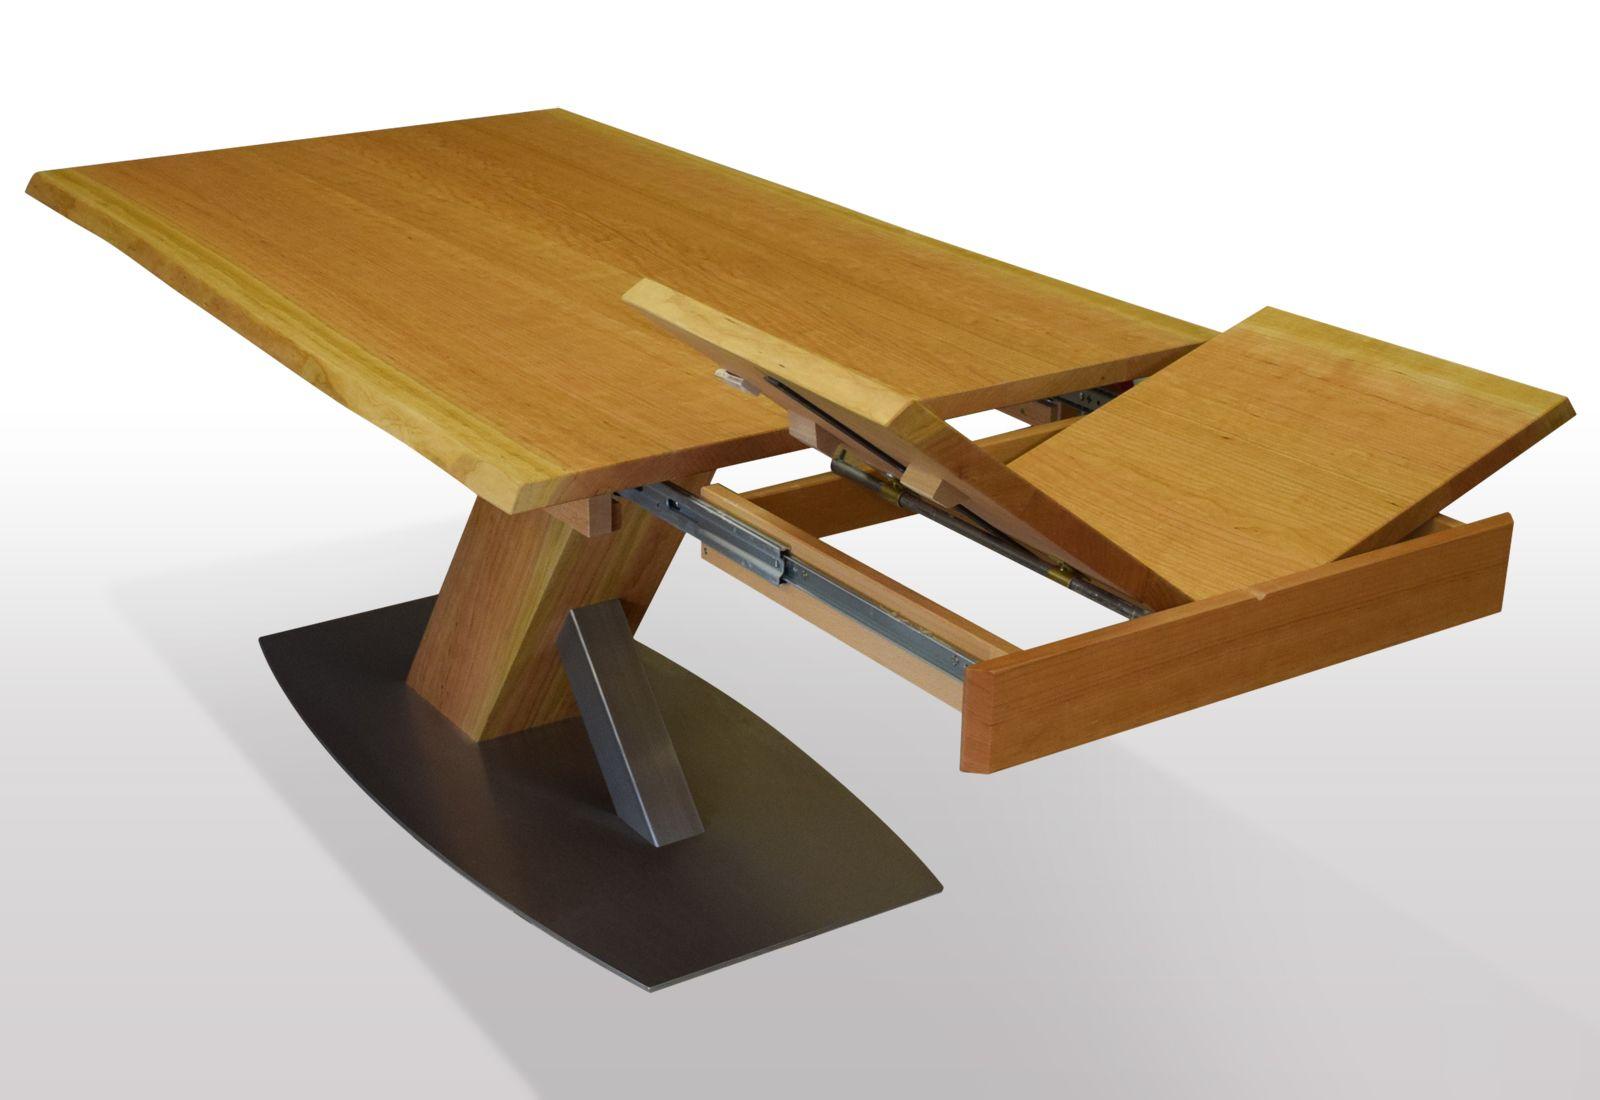 Pin Von Adam Maniku Auf Baumtisch Kirschbaum Amerikanisch Ausziehbar Tischdesign Couchtisch Design Baumtisch